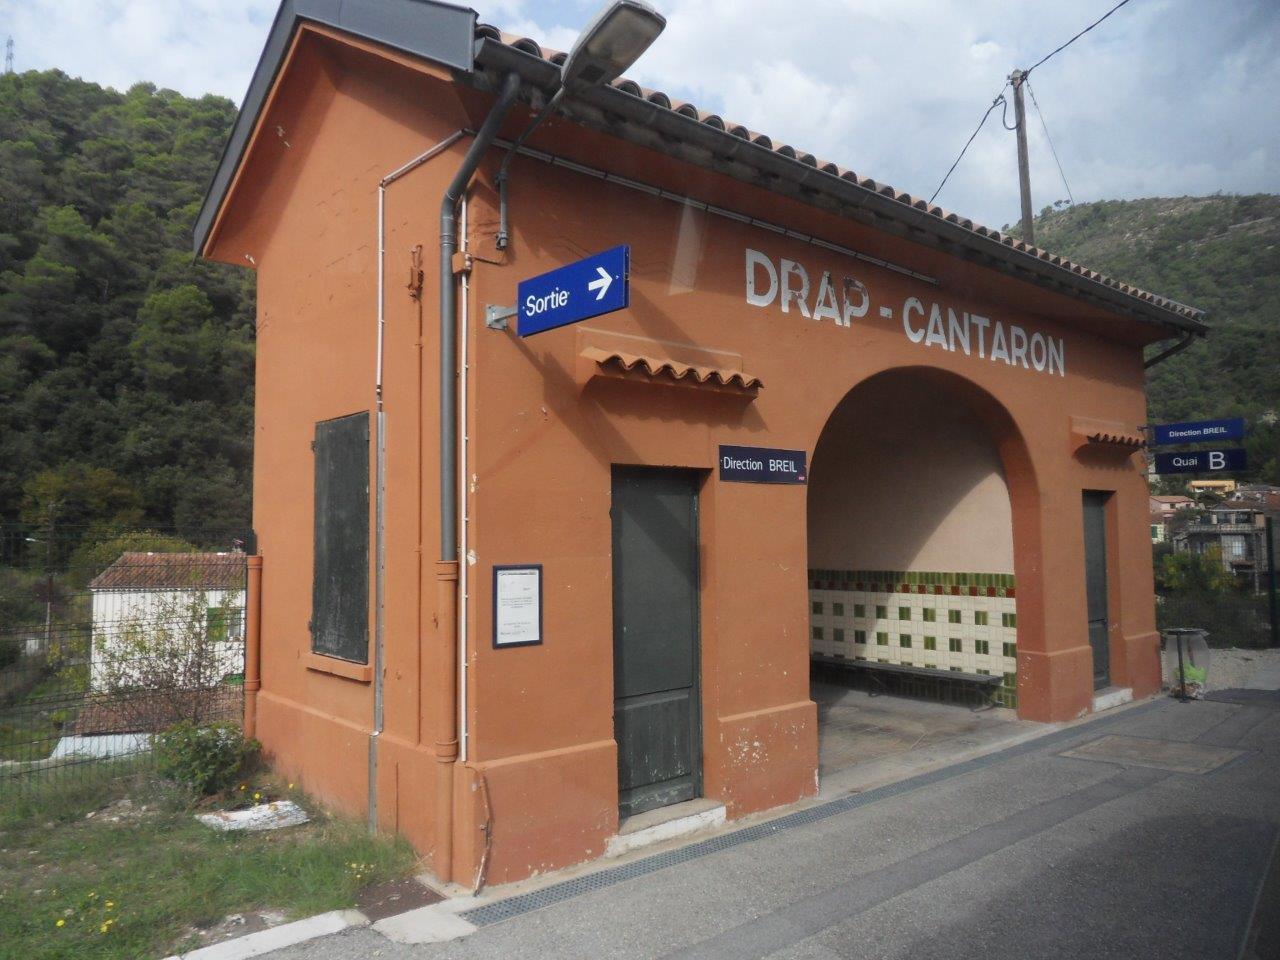 gare-de-drap-cantaron-train-station